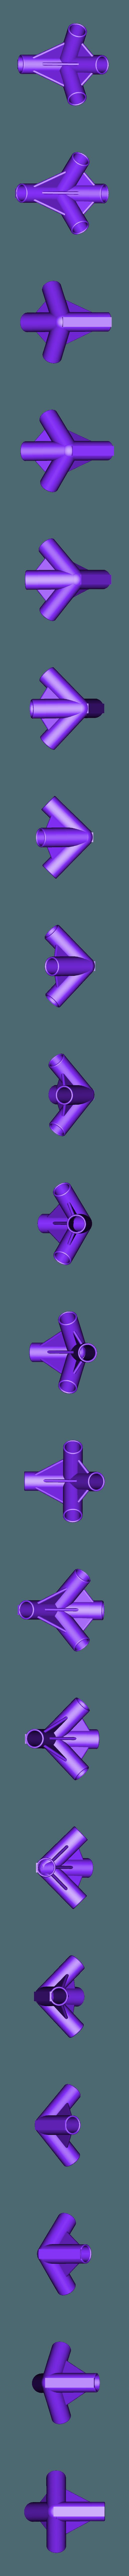 Gazebo_4_pole_replacement_v2.stl Télécharger fichier STL gratuit Pièces de rechange pour les gloriettes 3 et 4 poteaux • Design à imprimer en 3D, Sagittario